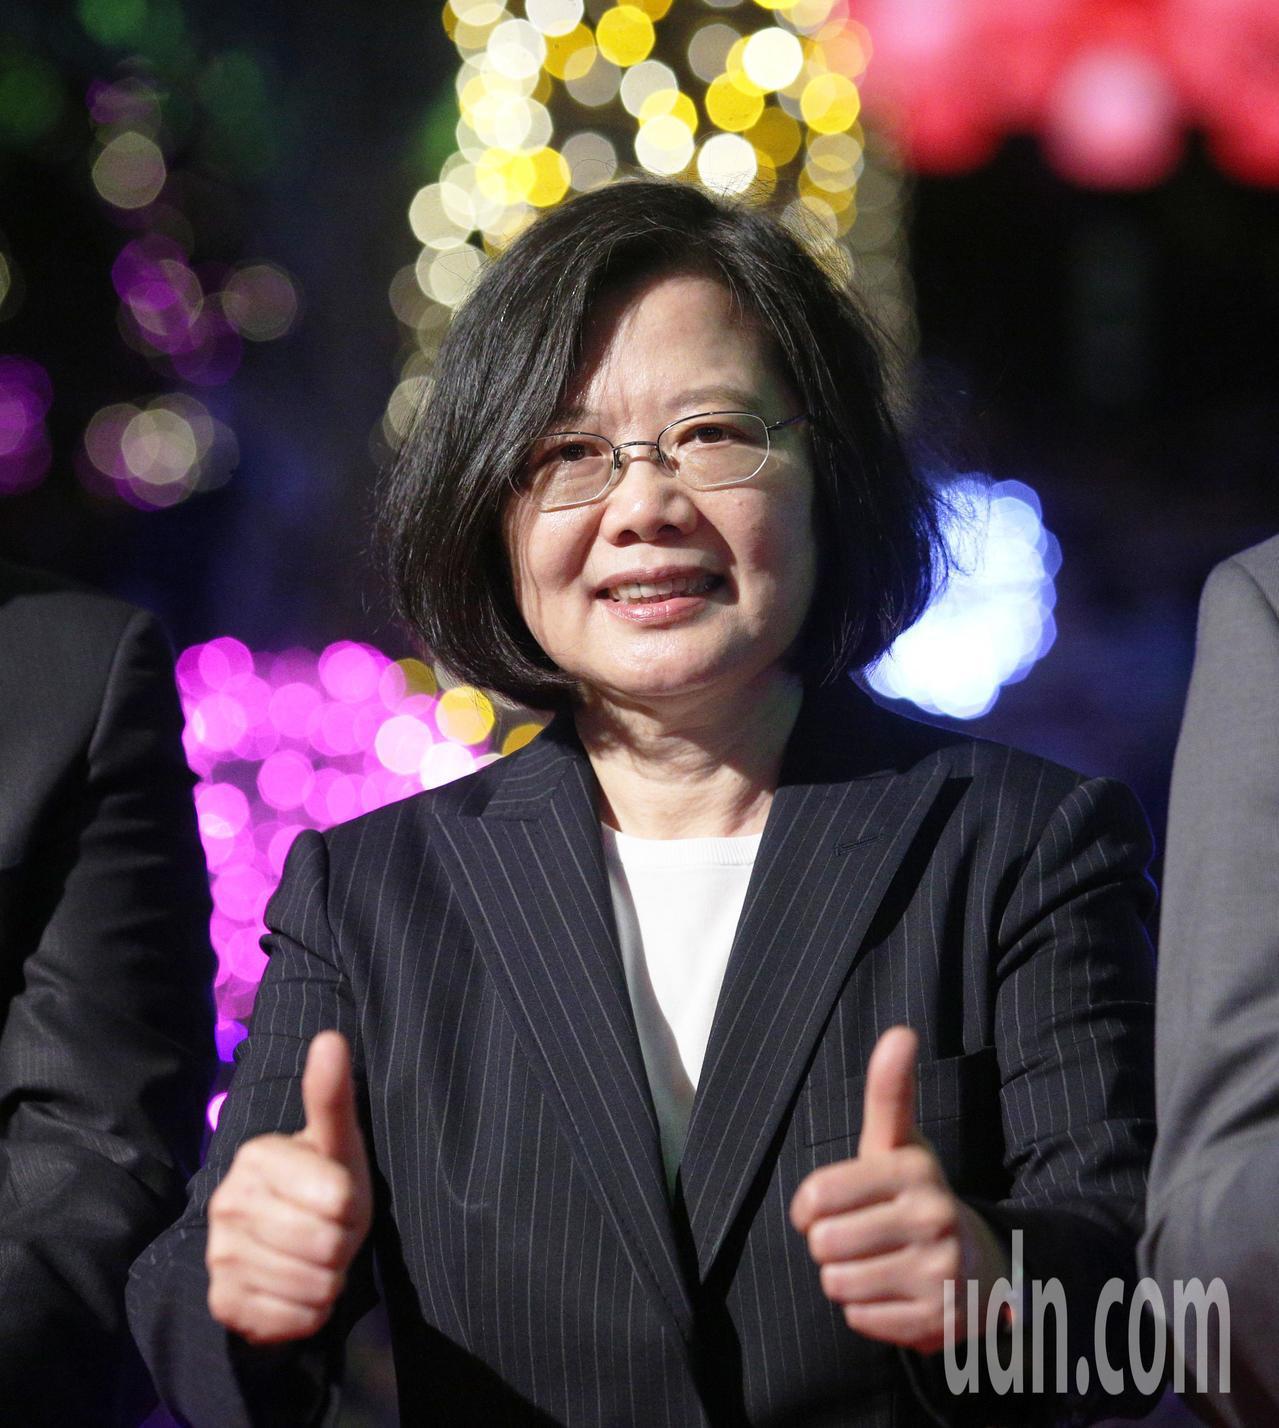 蔡英文總統今晚親自南下點燈,並親自寫下祈福卡祝福台灣風調雨順。記者劉學聖/攝影